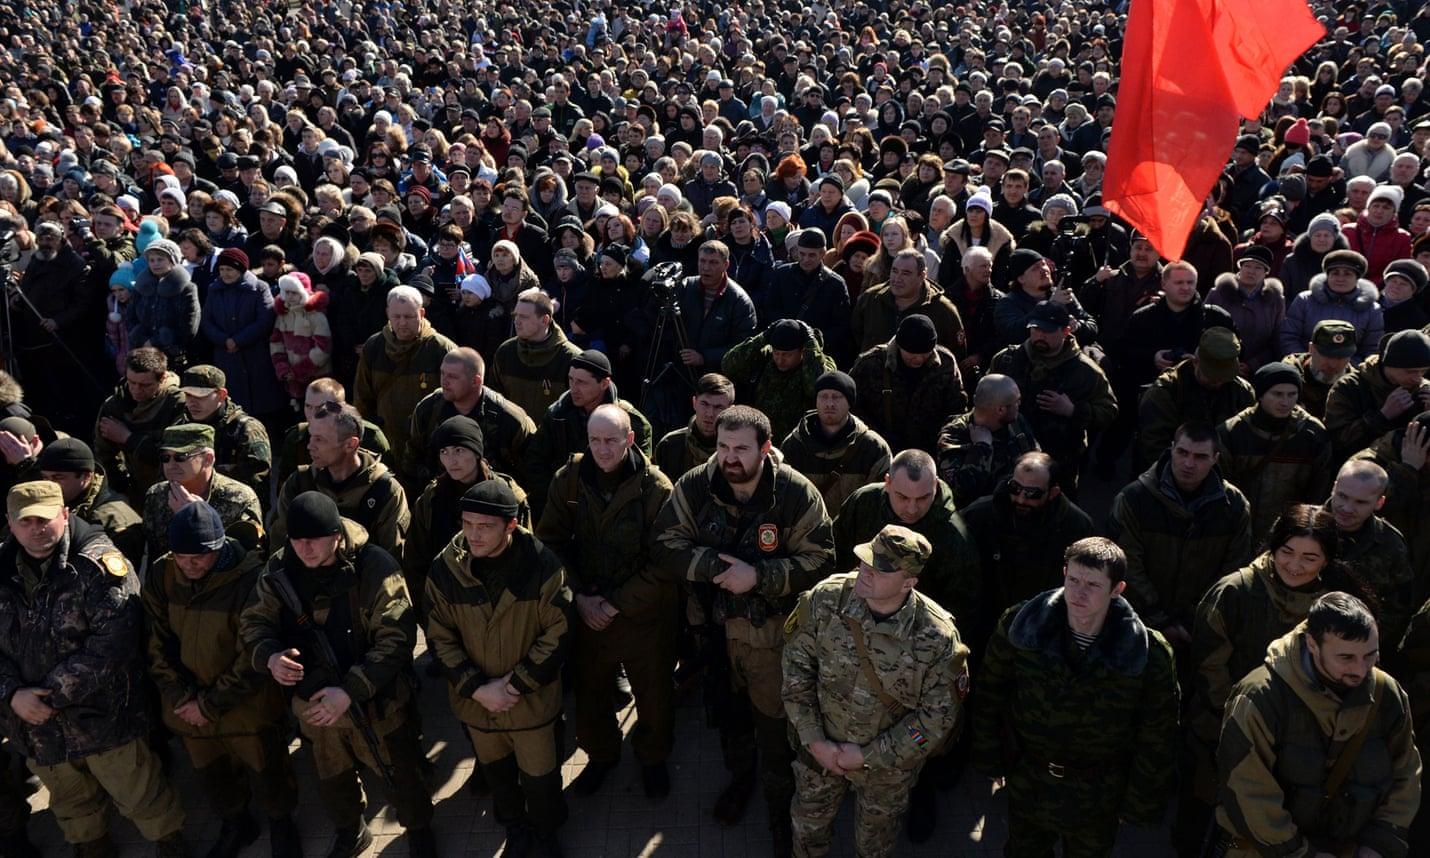 """В Донецке боевик """"ДНР"""" угрожал убить наблюдателей миссии, - ОБСЕ - Цензор.НЕТ 2042"""